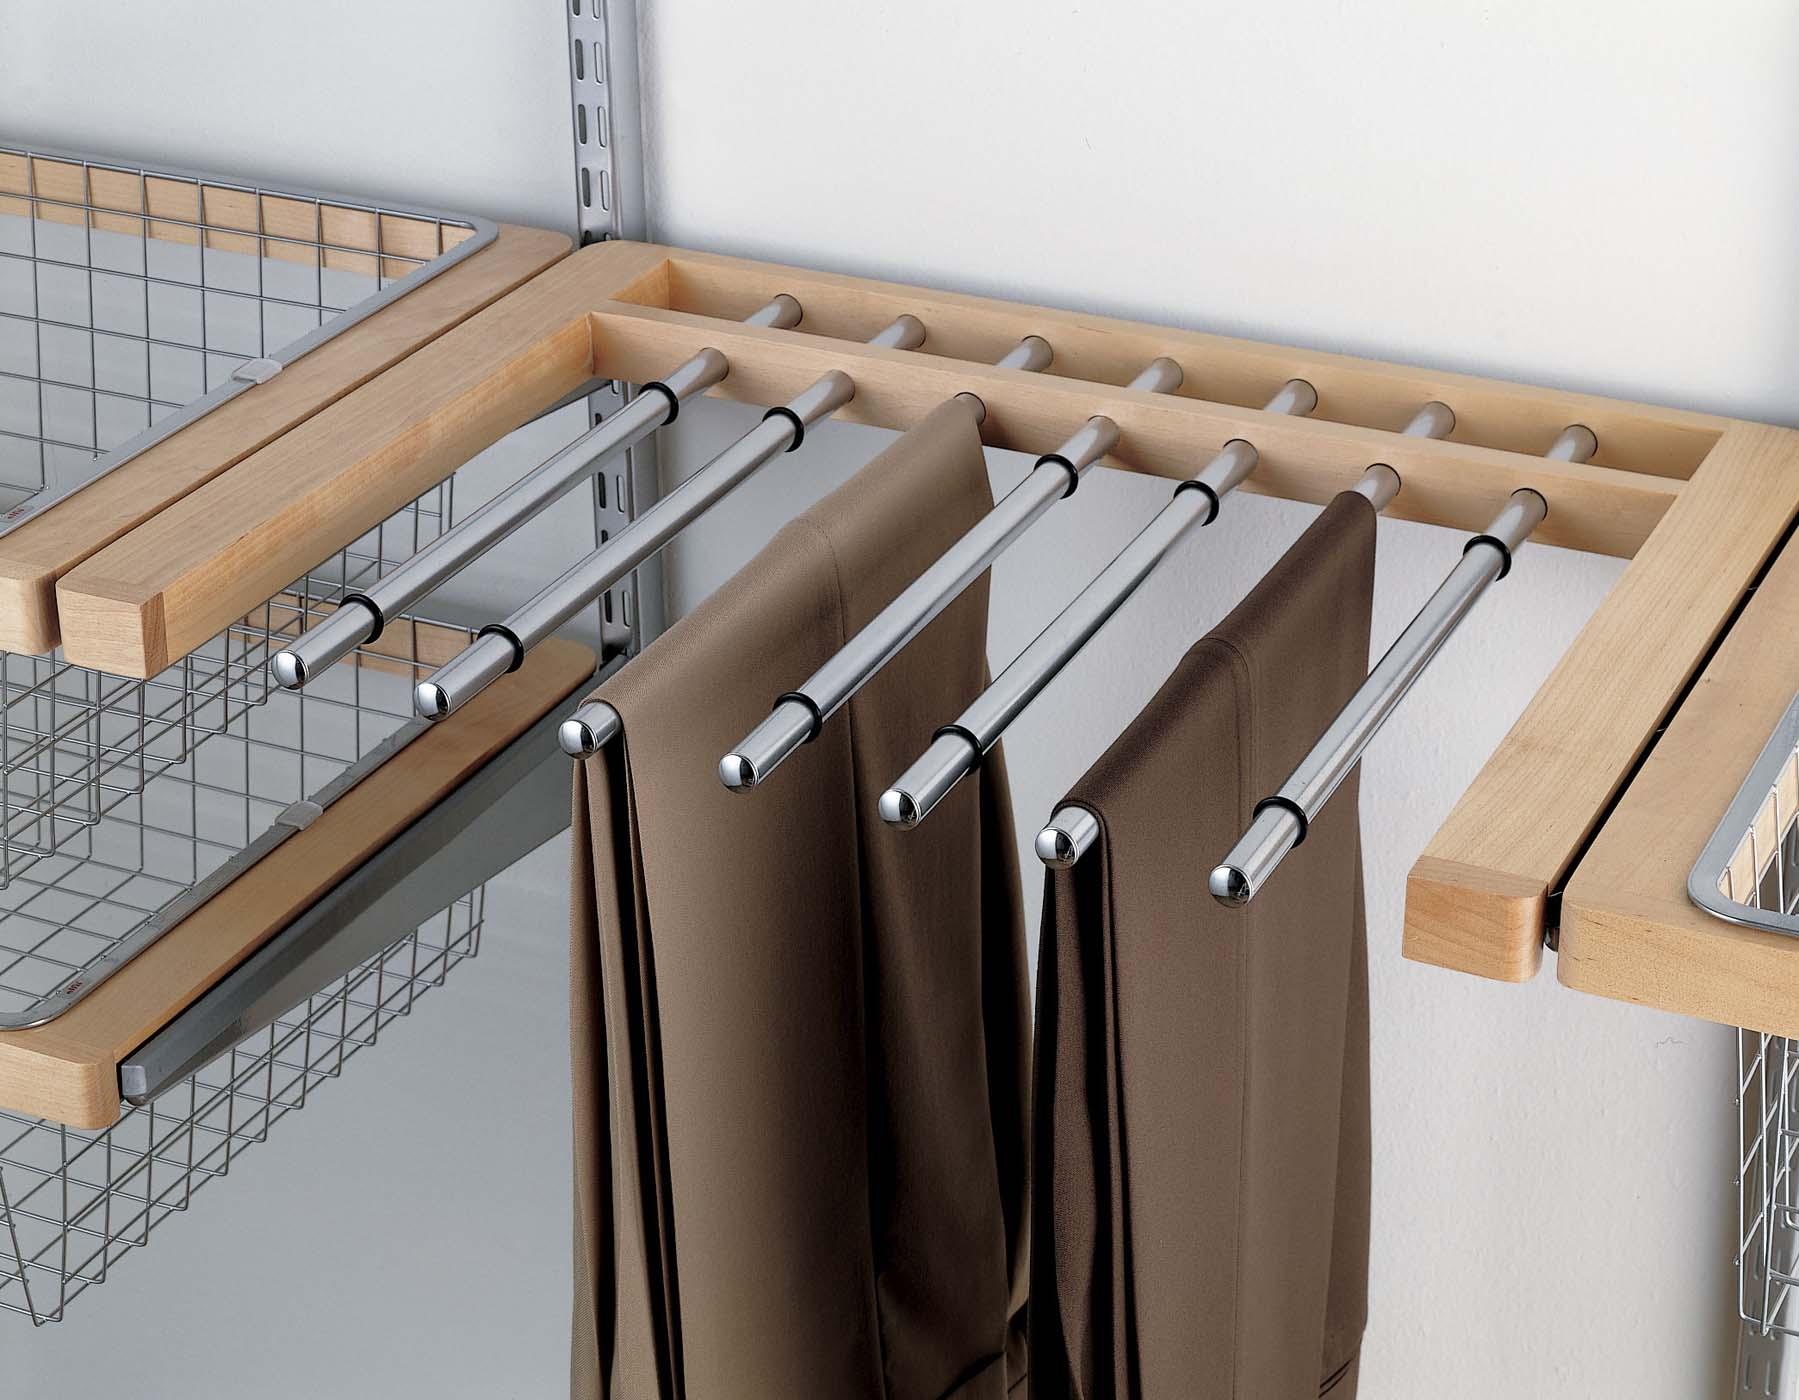 Гардеробная система hetger гардеробная система.